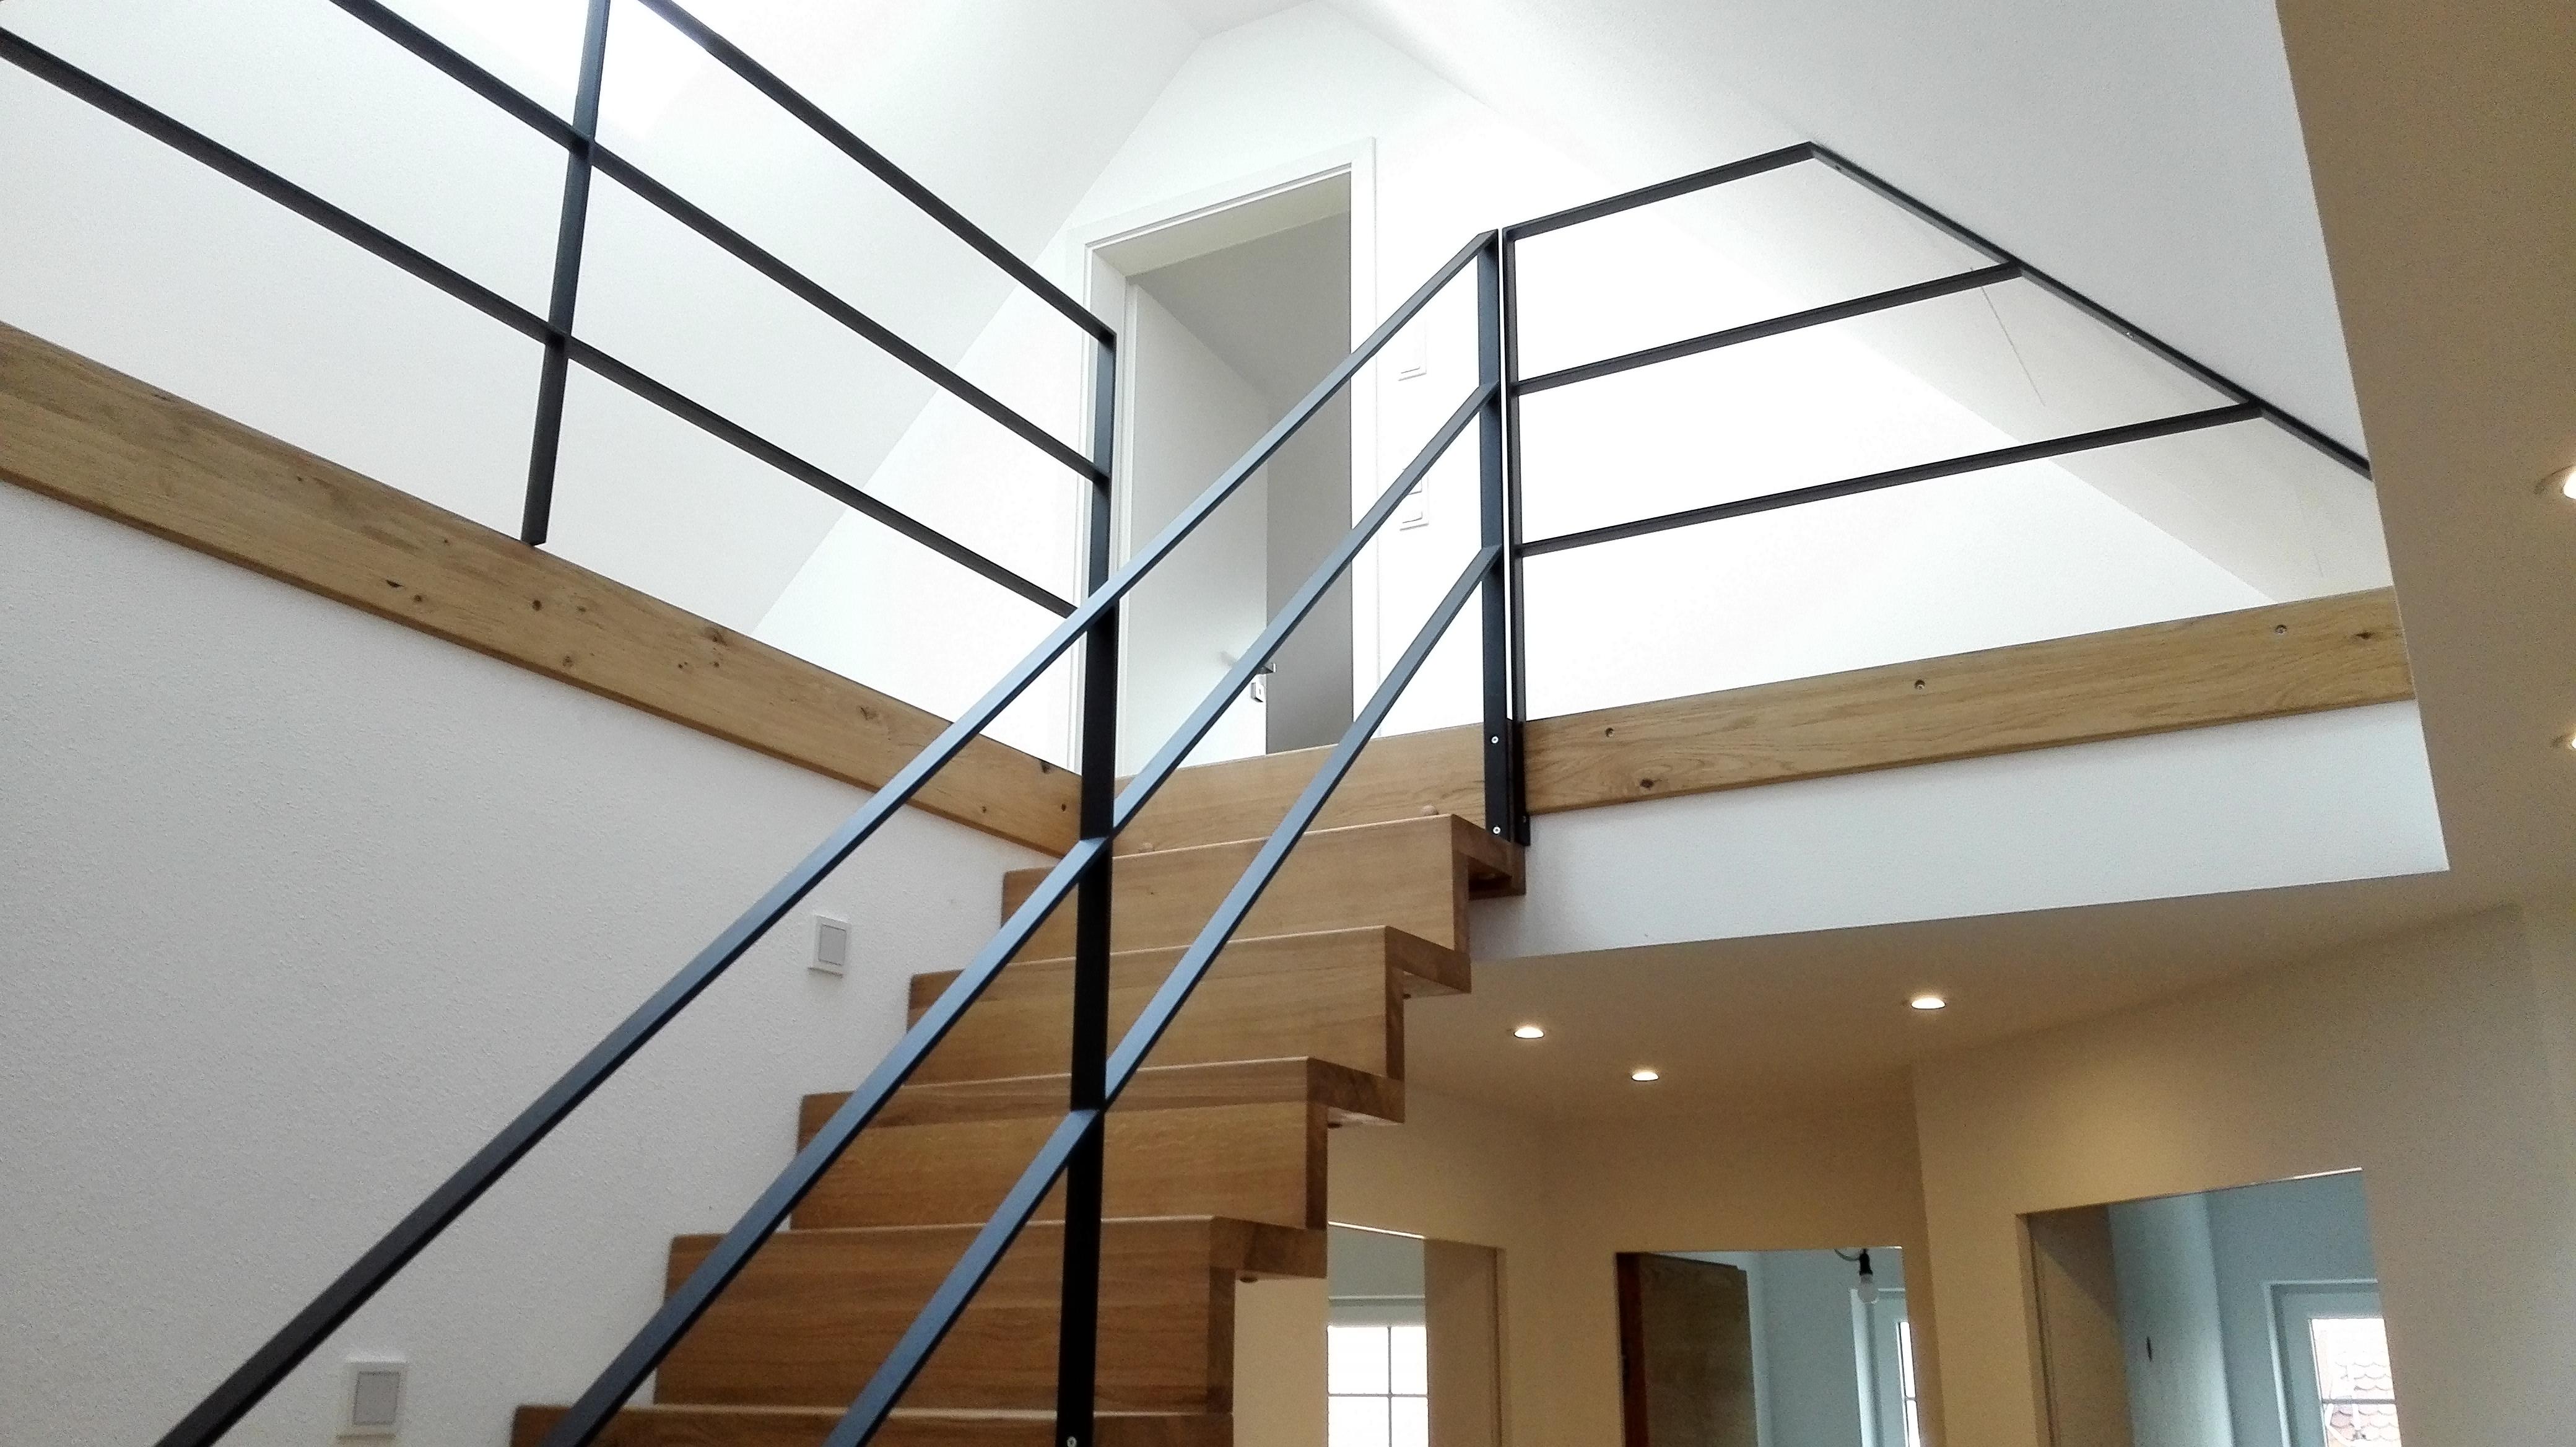 niederl hner treppenbau faszination treppen. Black Bedroom Furniture Sets. Home Design Ideas